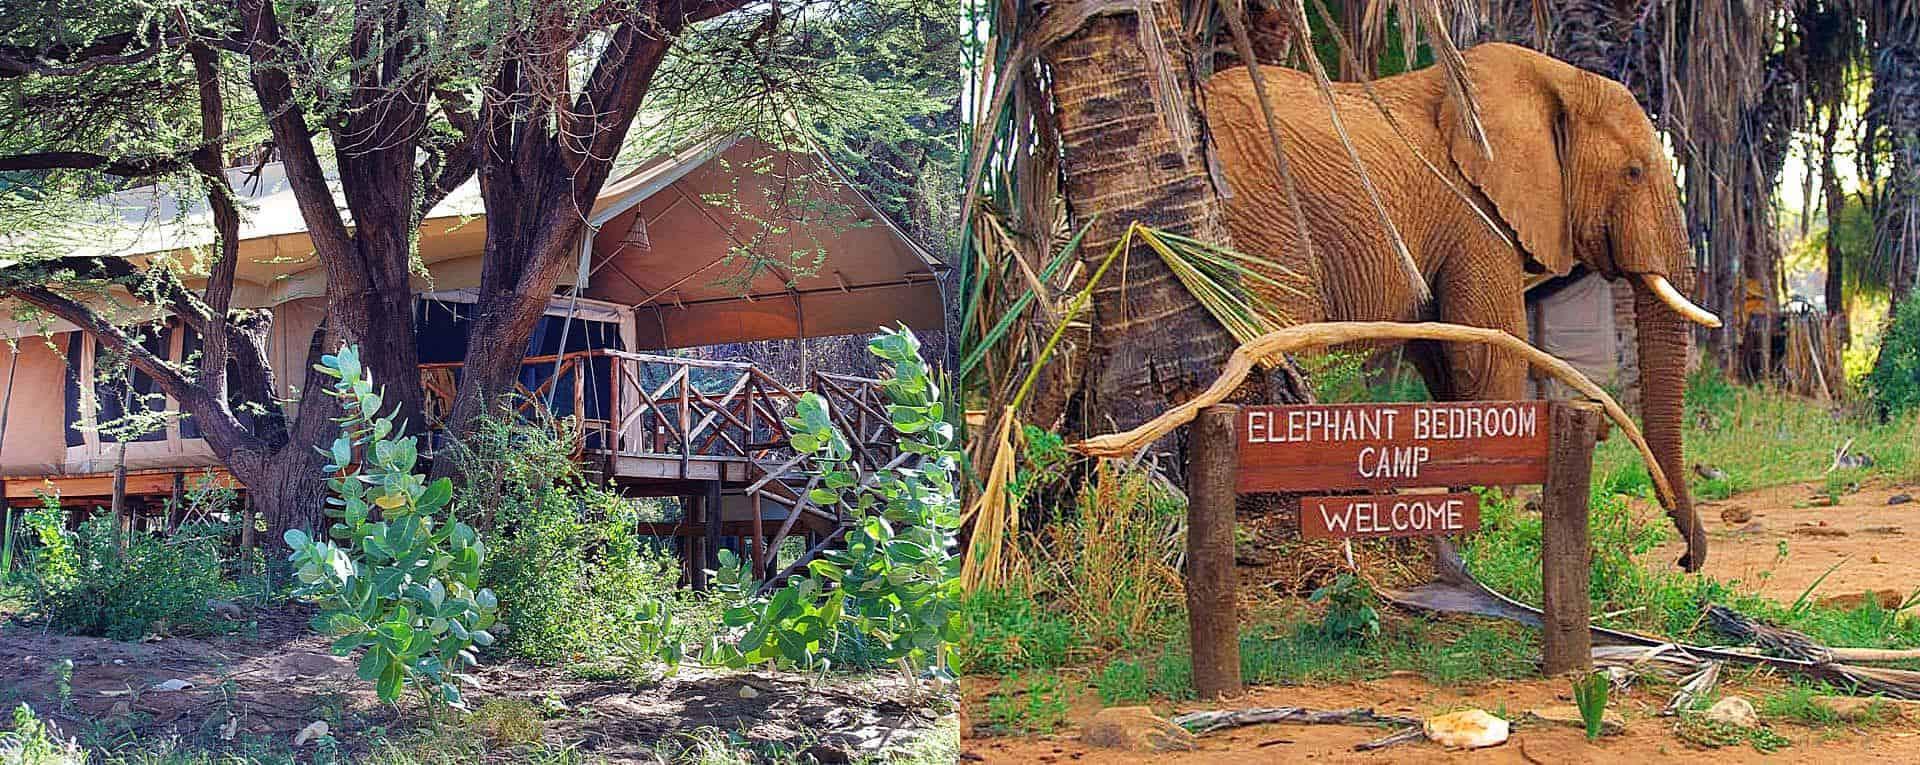 elephantbedroomcamp1